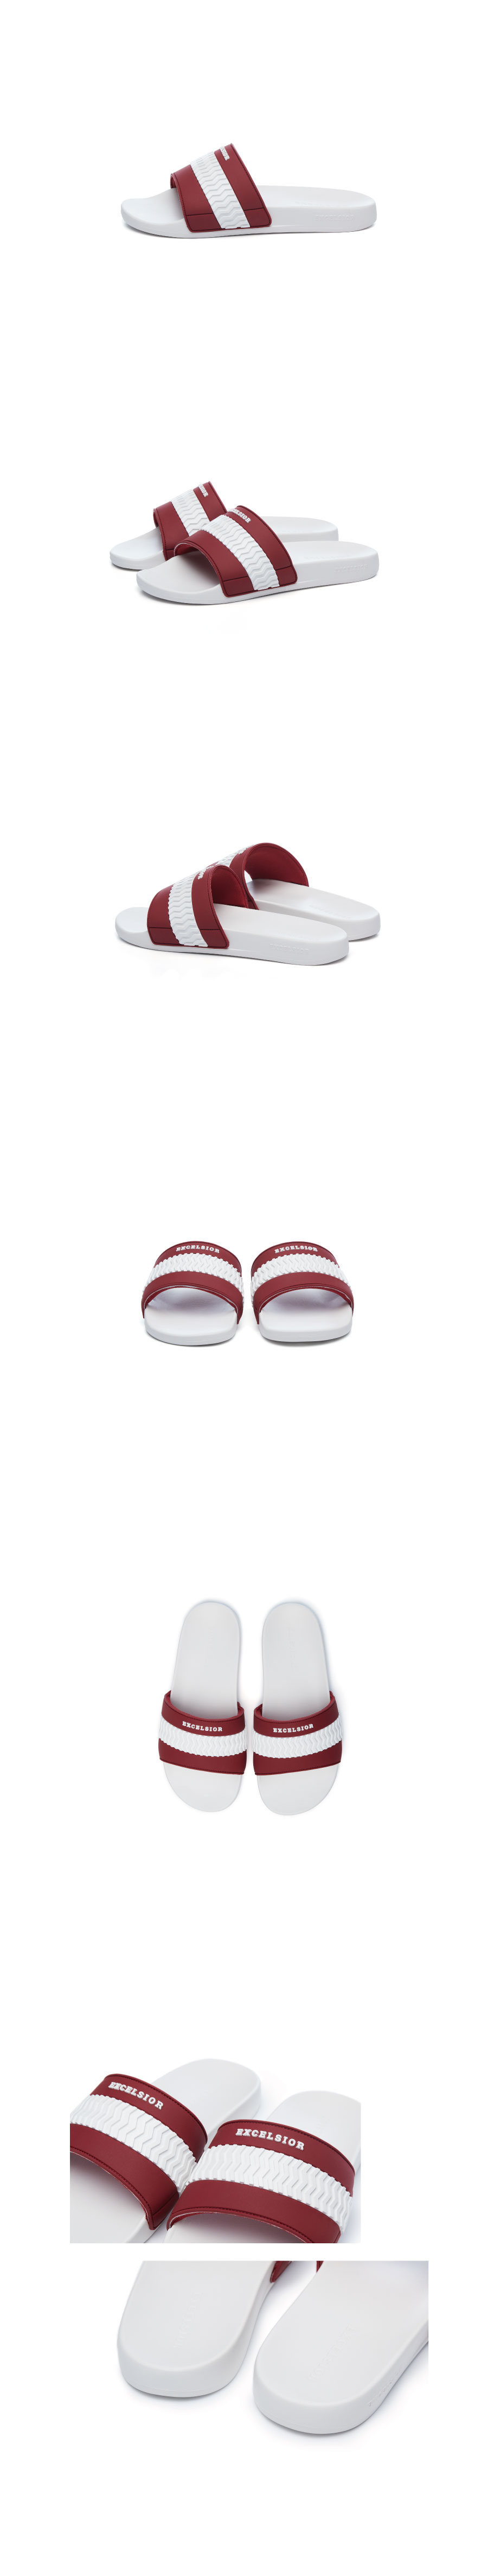 엑셀시오르(EXCELSIOR) 볼트 슬라이드 Bolt Slide_WHITE/RED